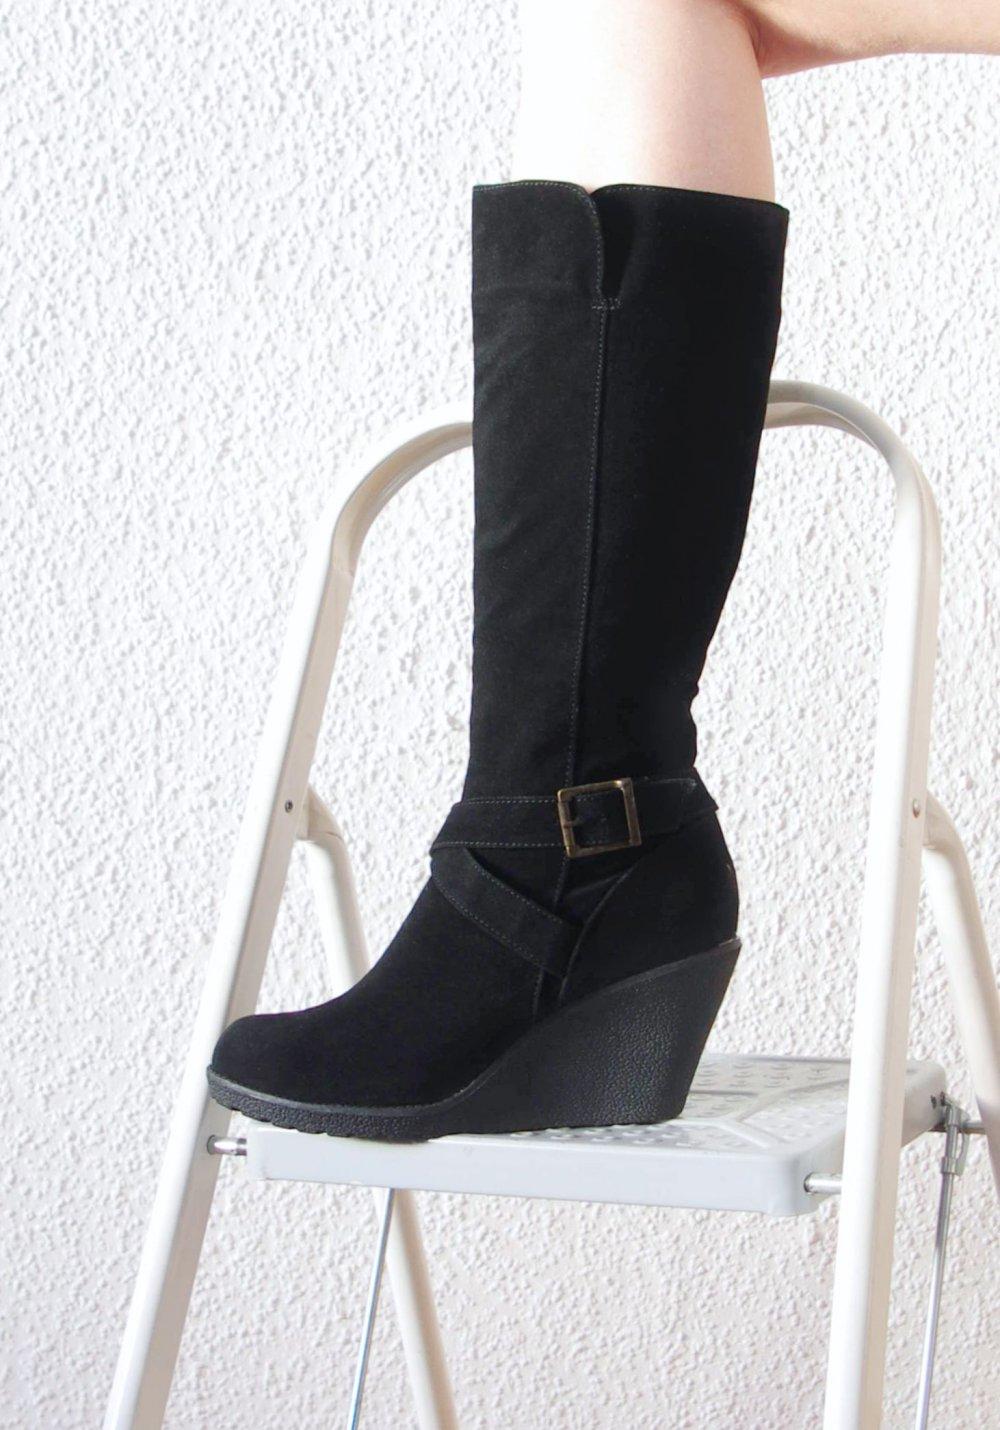 Wedge Elegante Gothic Stiefel Boots Gr42 41 5 Plateau